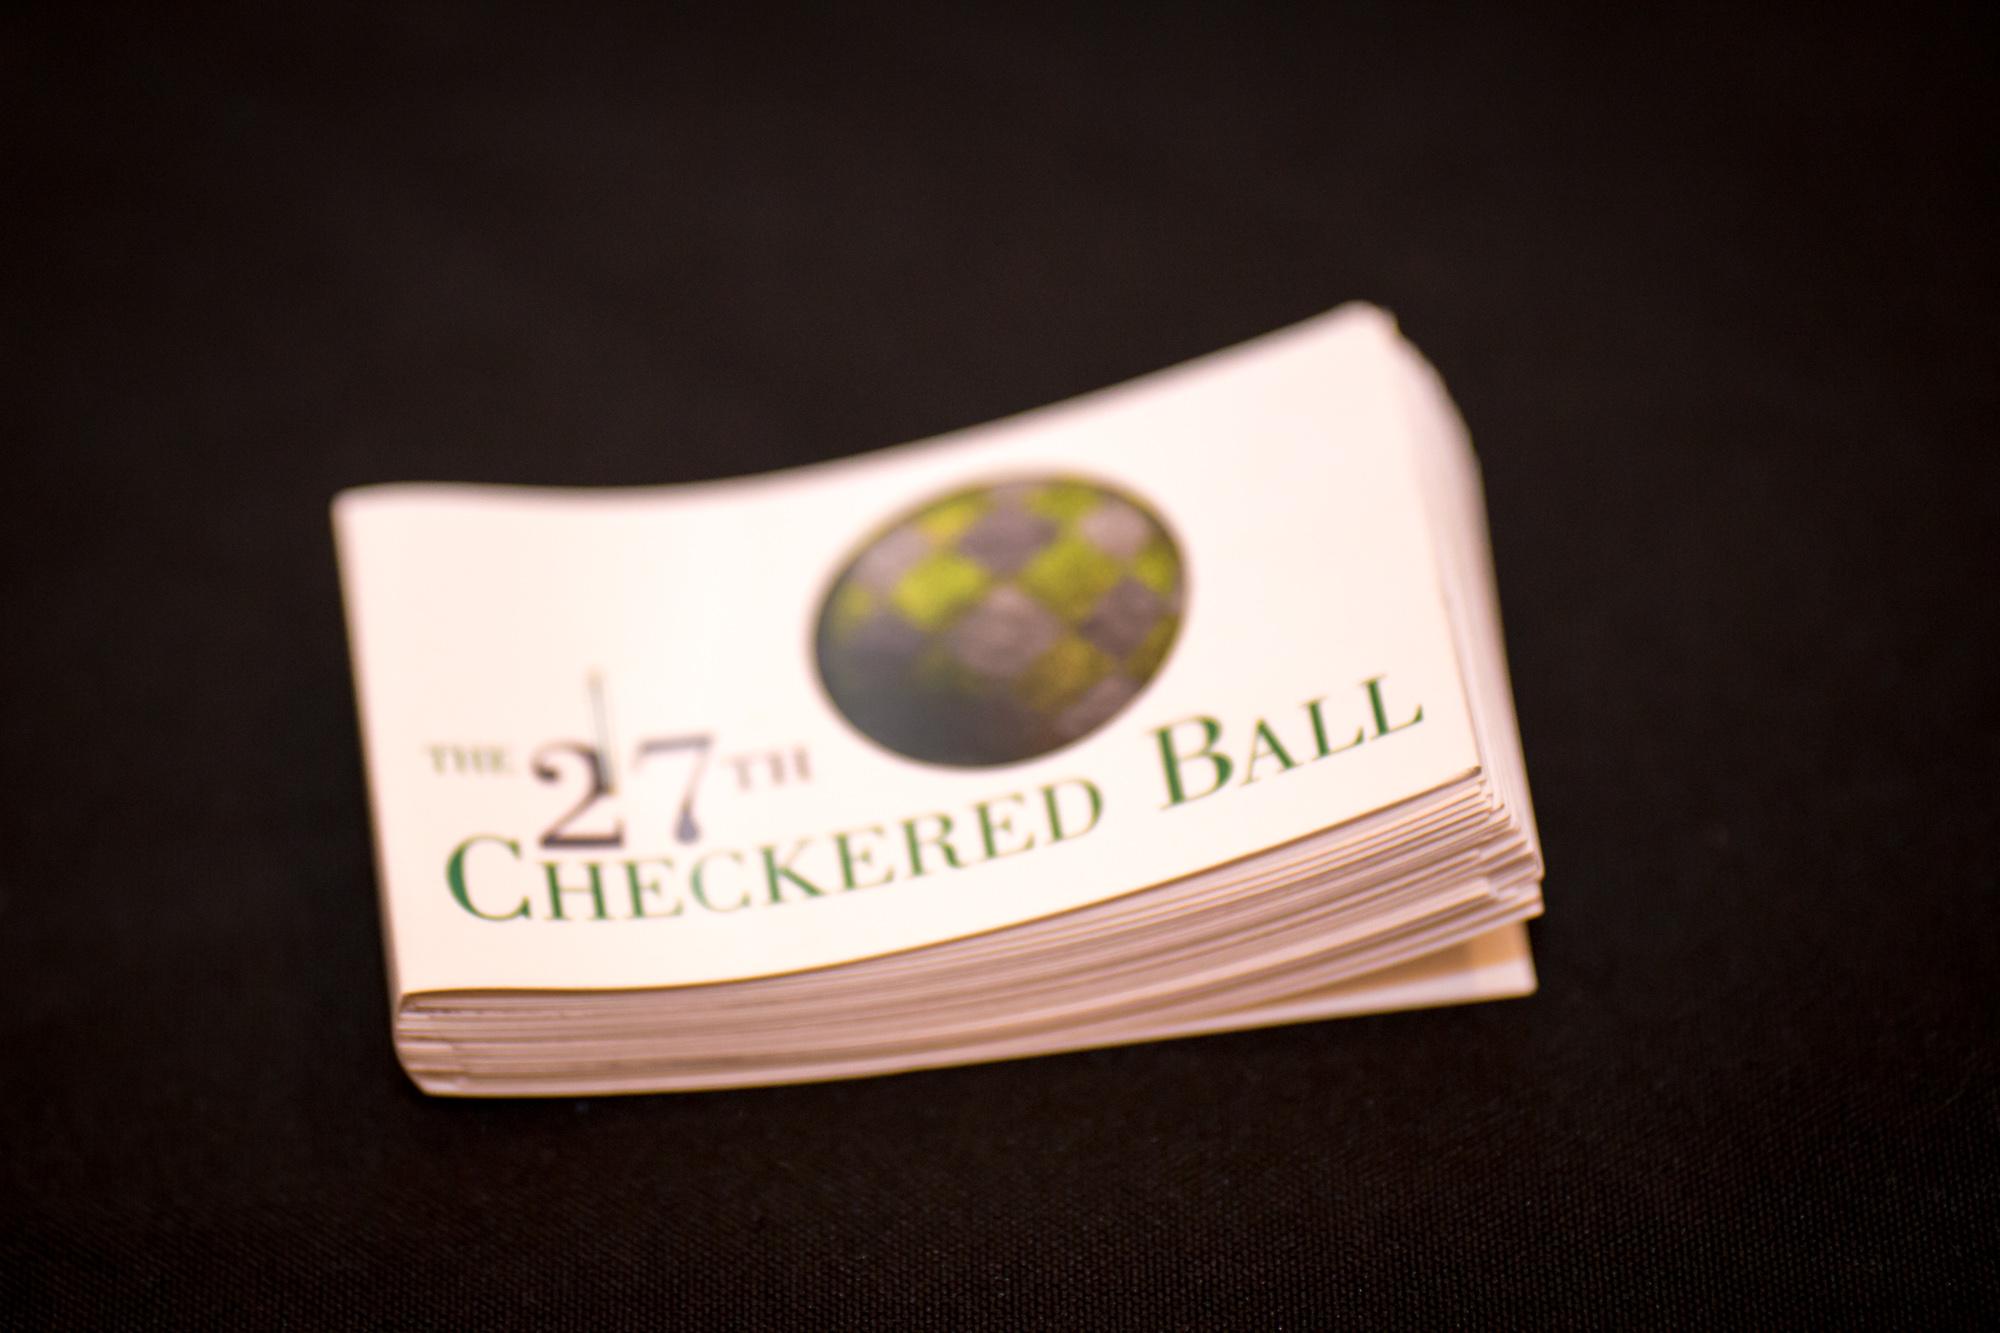 CheckeredBall18-105